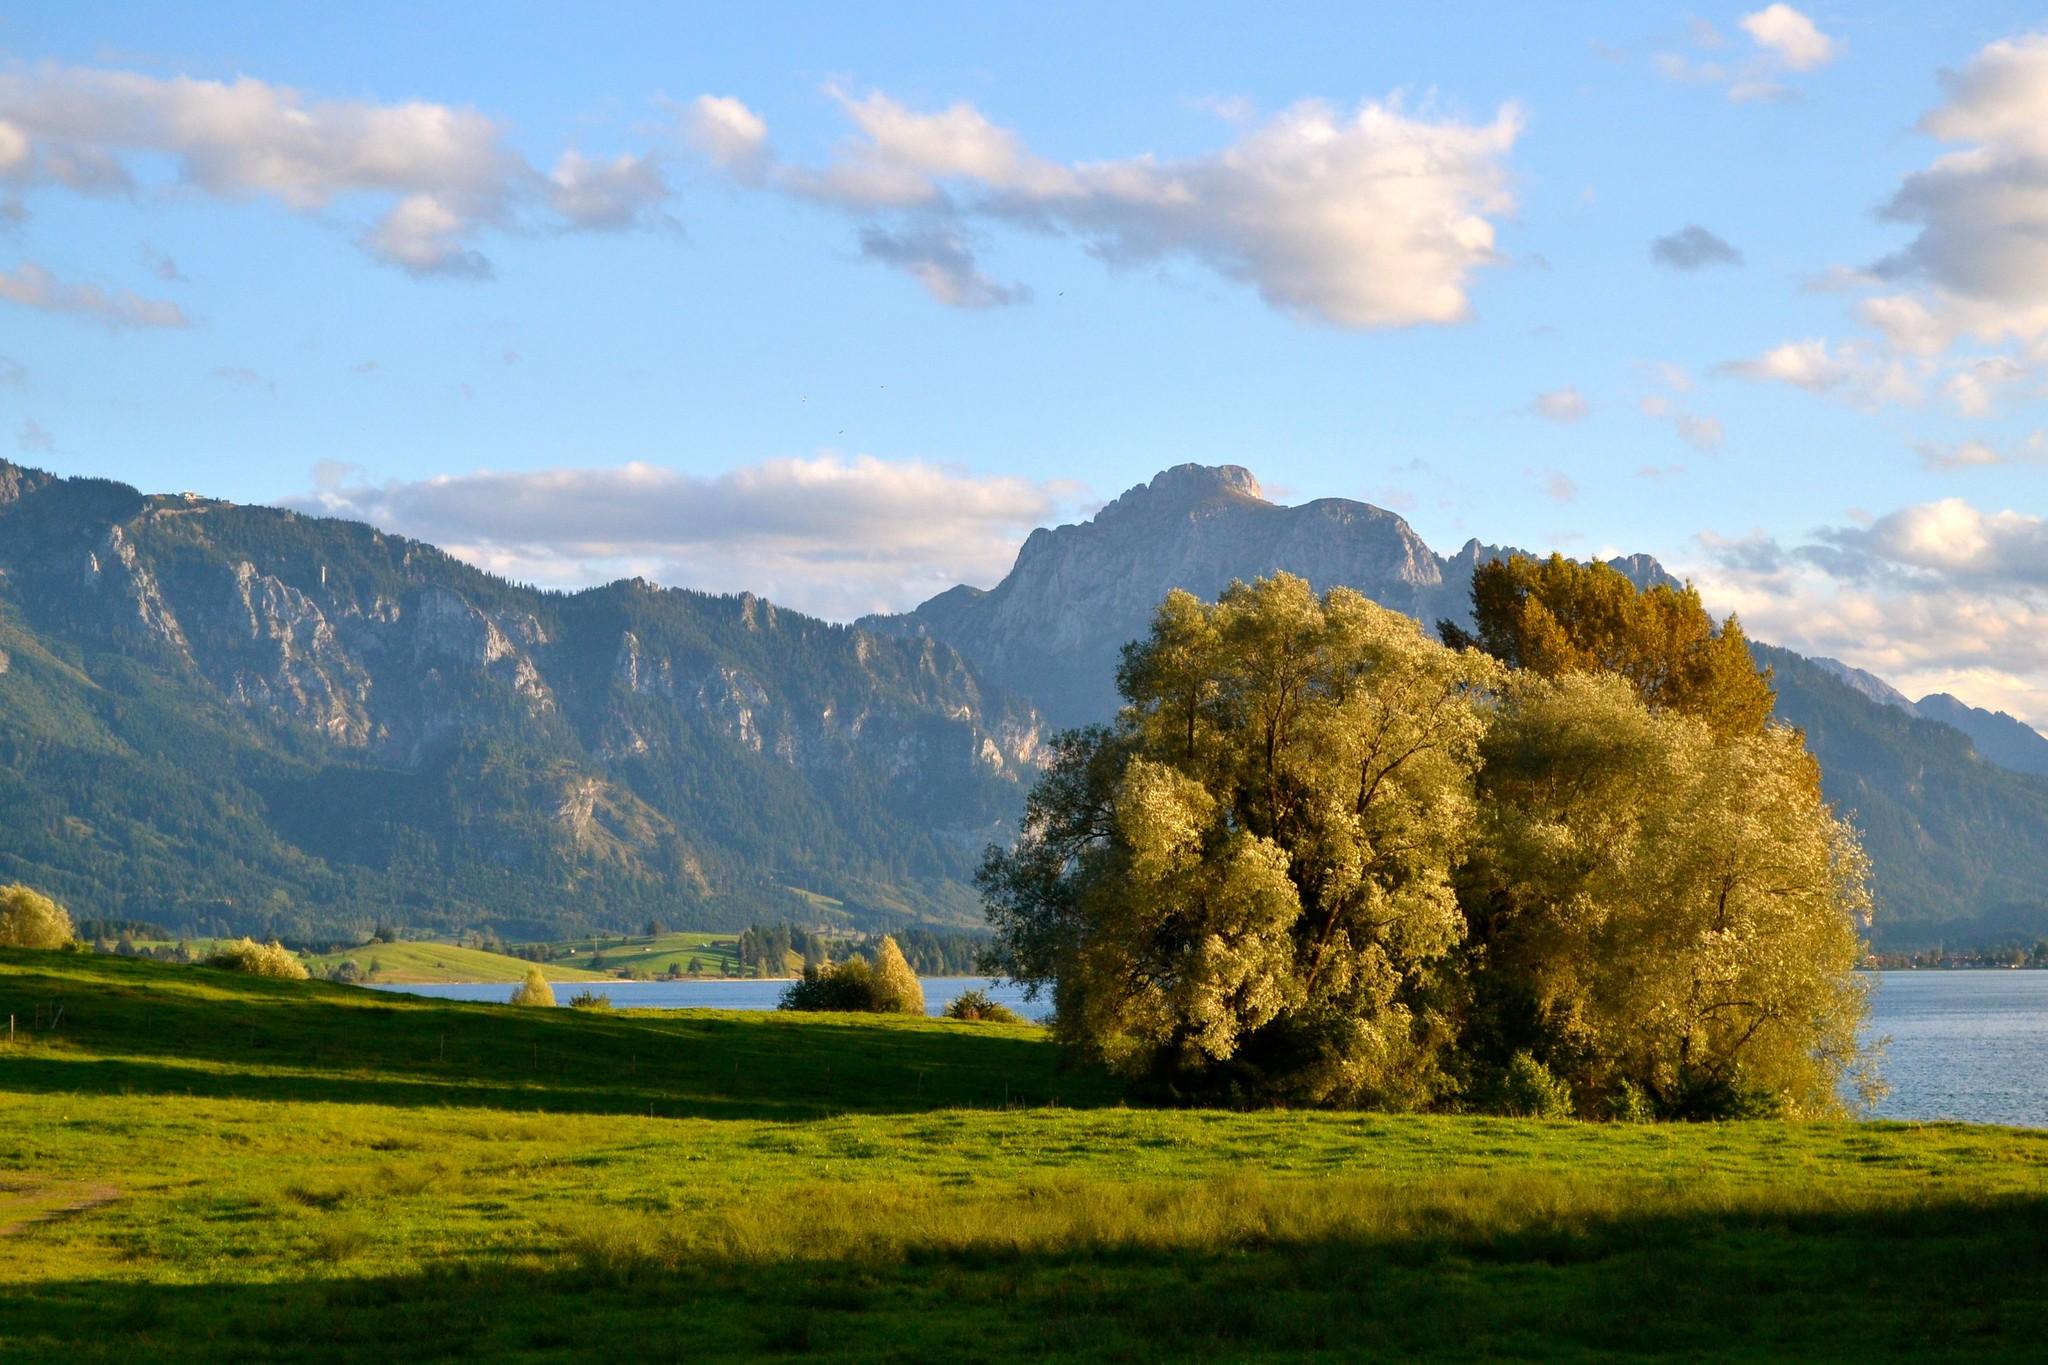 Vista da Rota Romântica, Alemanha